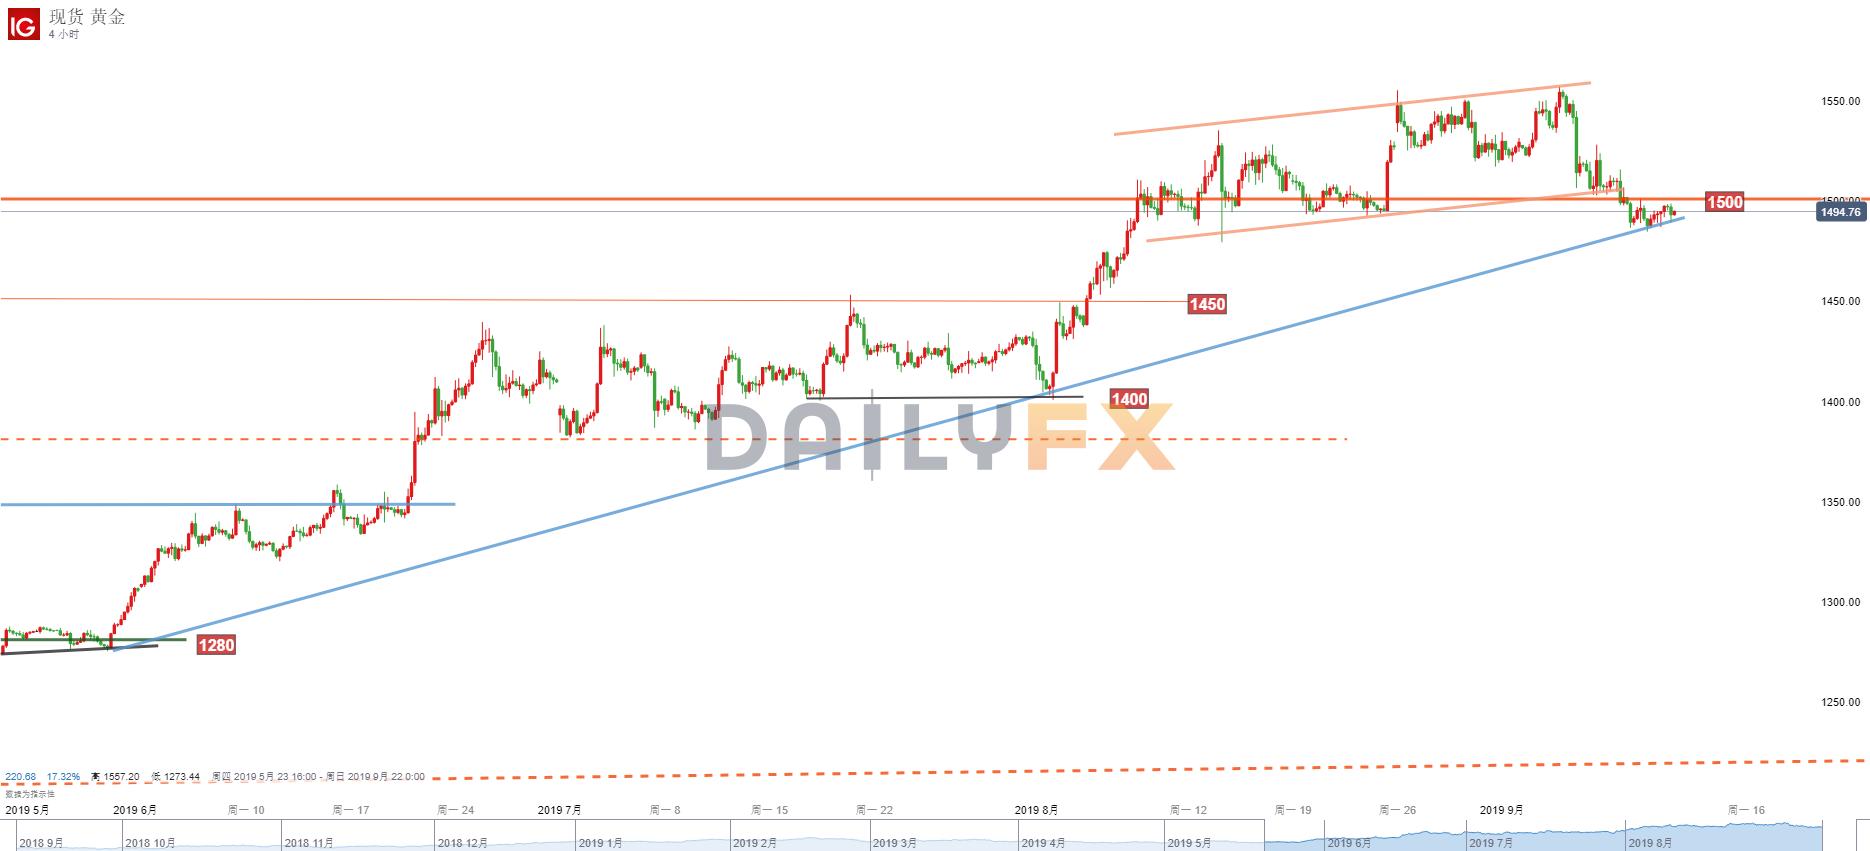 黃金/美元技術分析:今日仍關注1500-1490區域表現